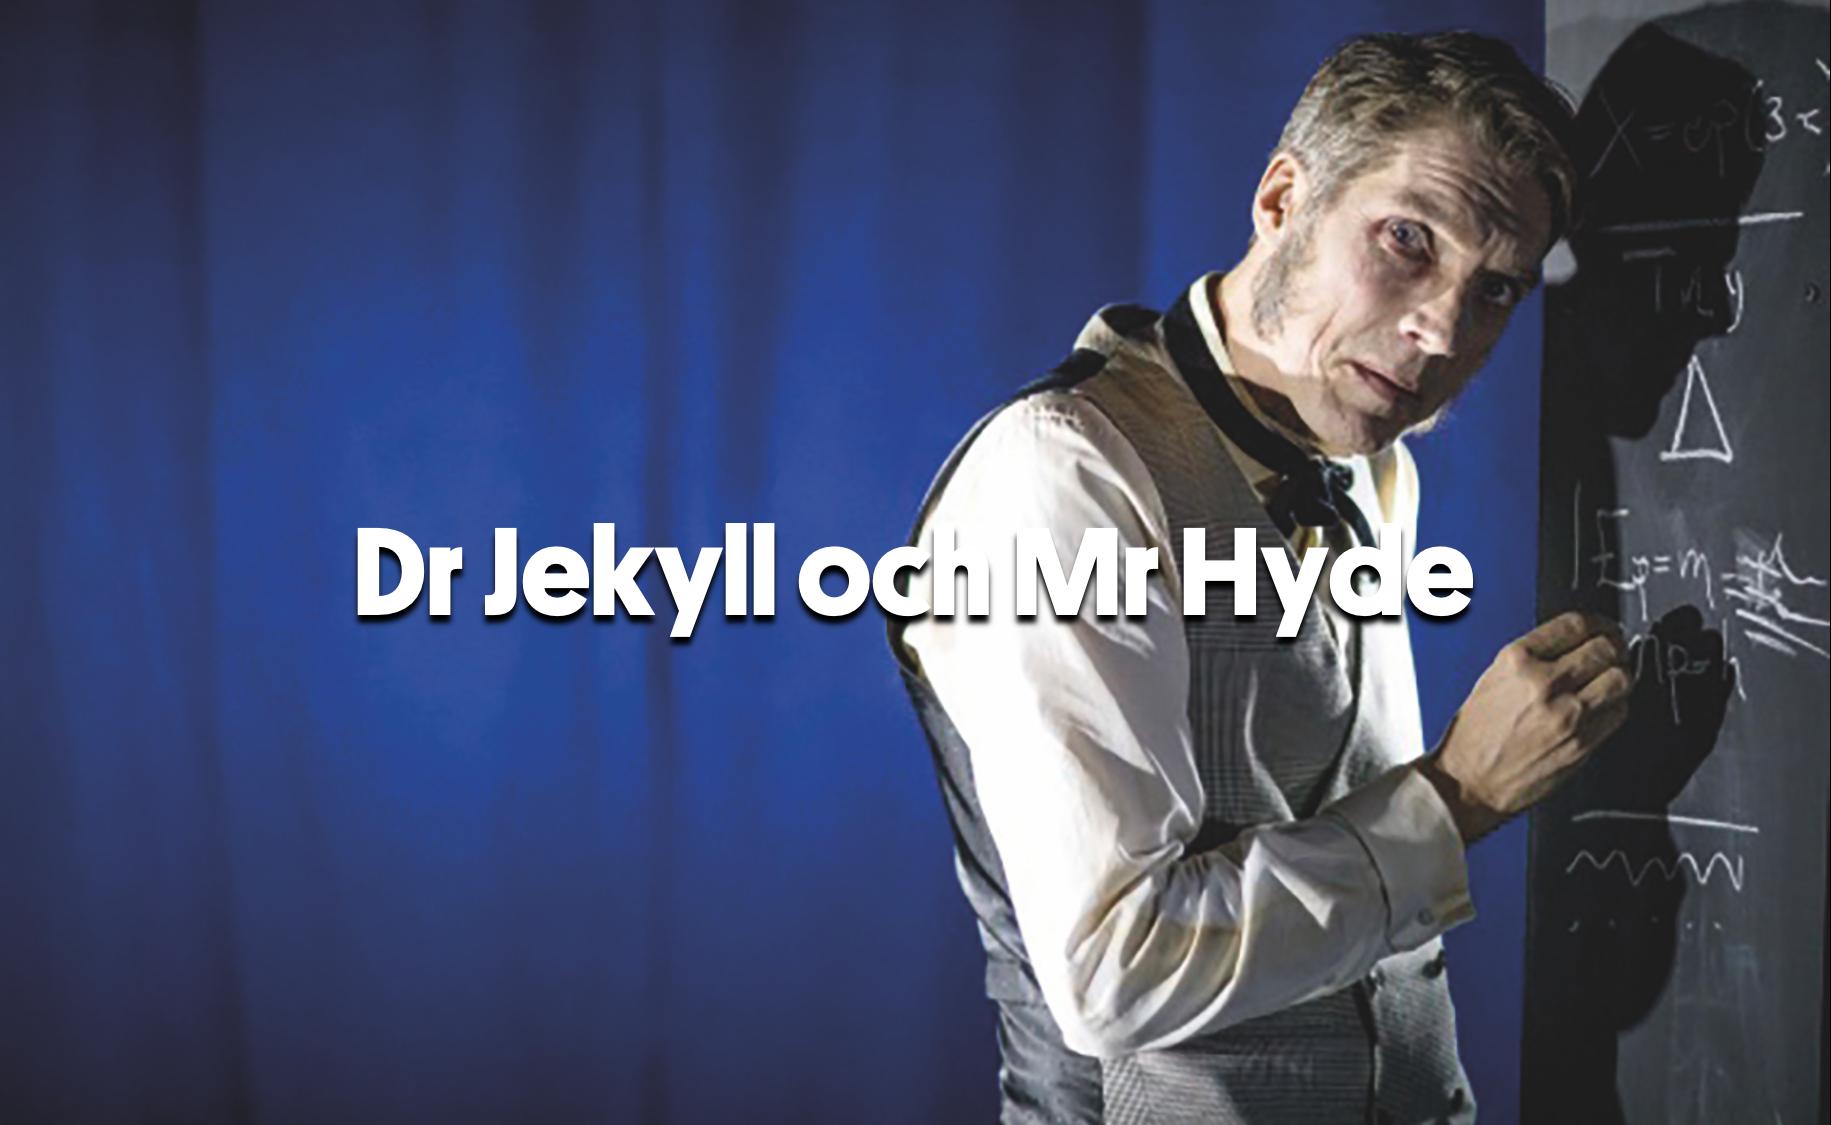 Länk till utdrag på Vimeo av Dr Jekyll och Mr Hyde